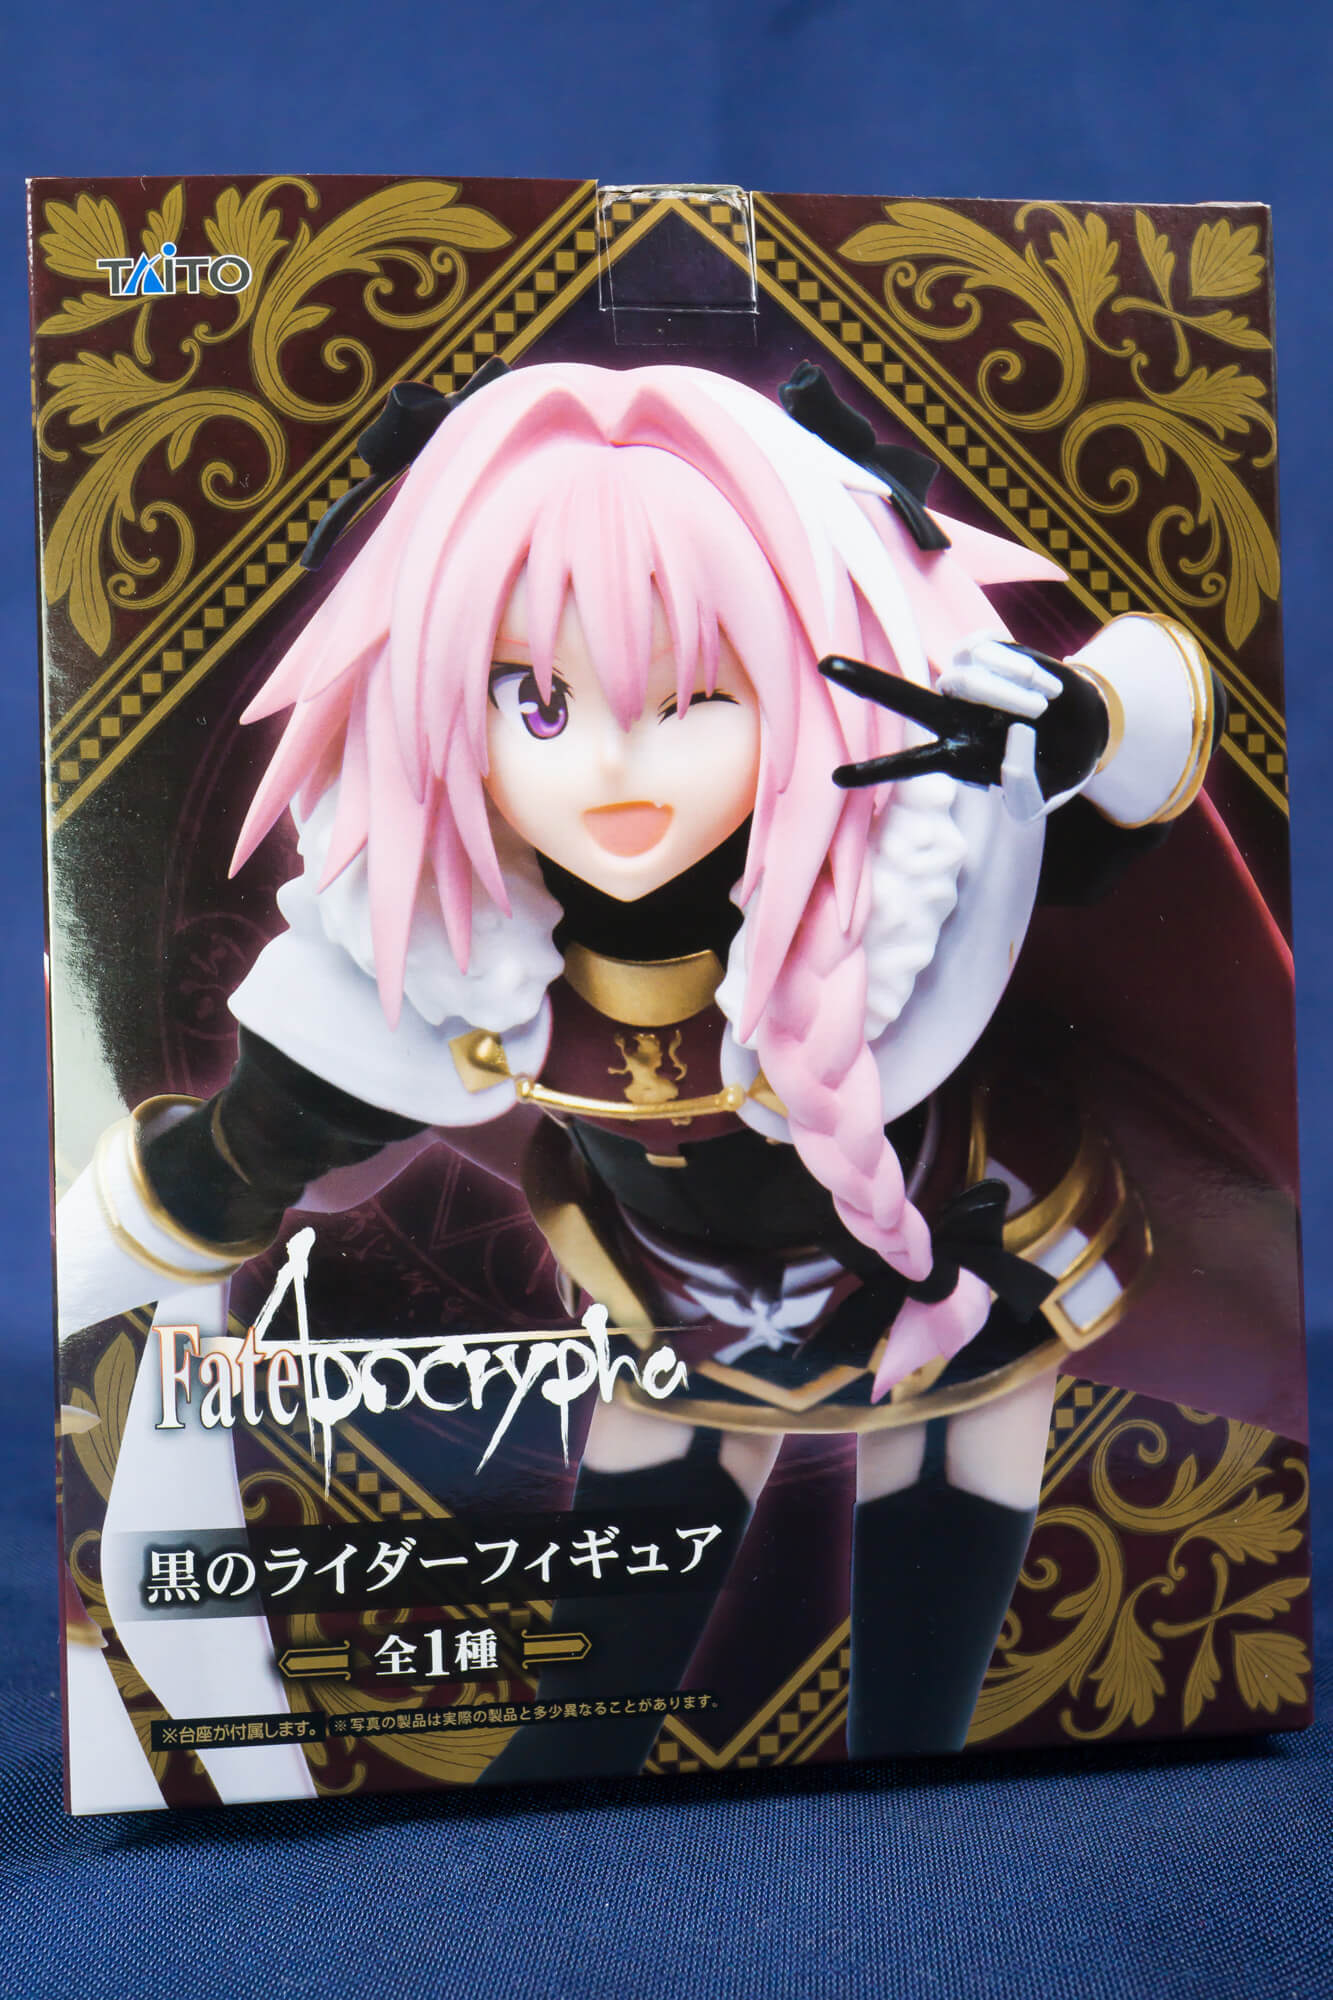 【フィギュアレビュー】Fate/Apocrypha 黒のライダー フィギュア